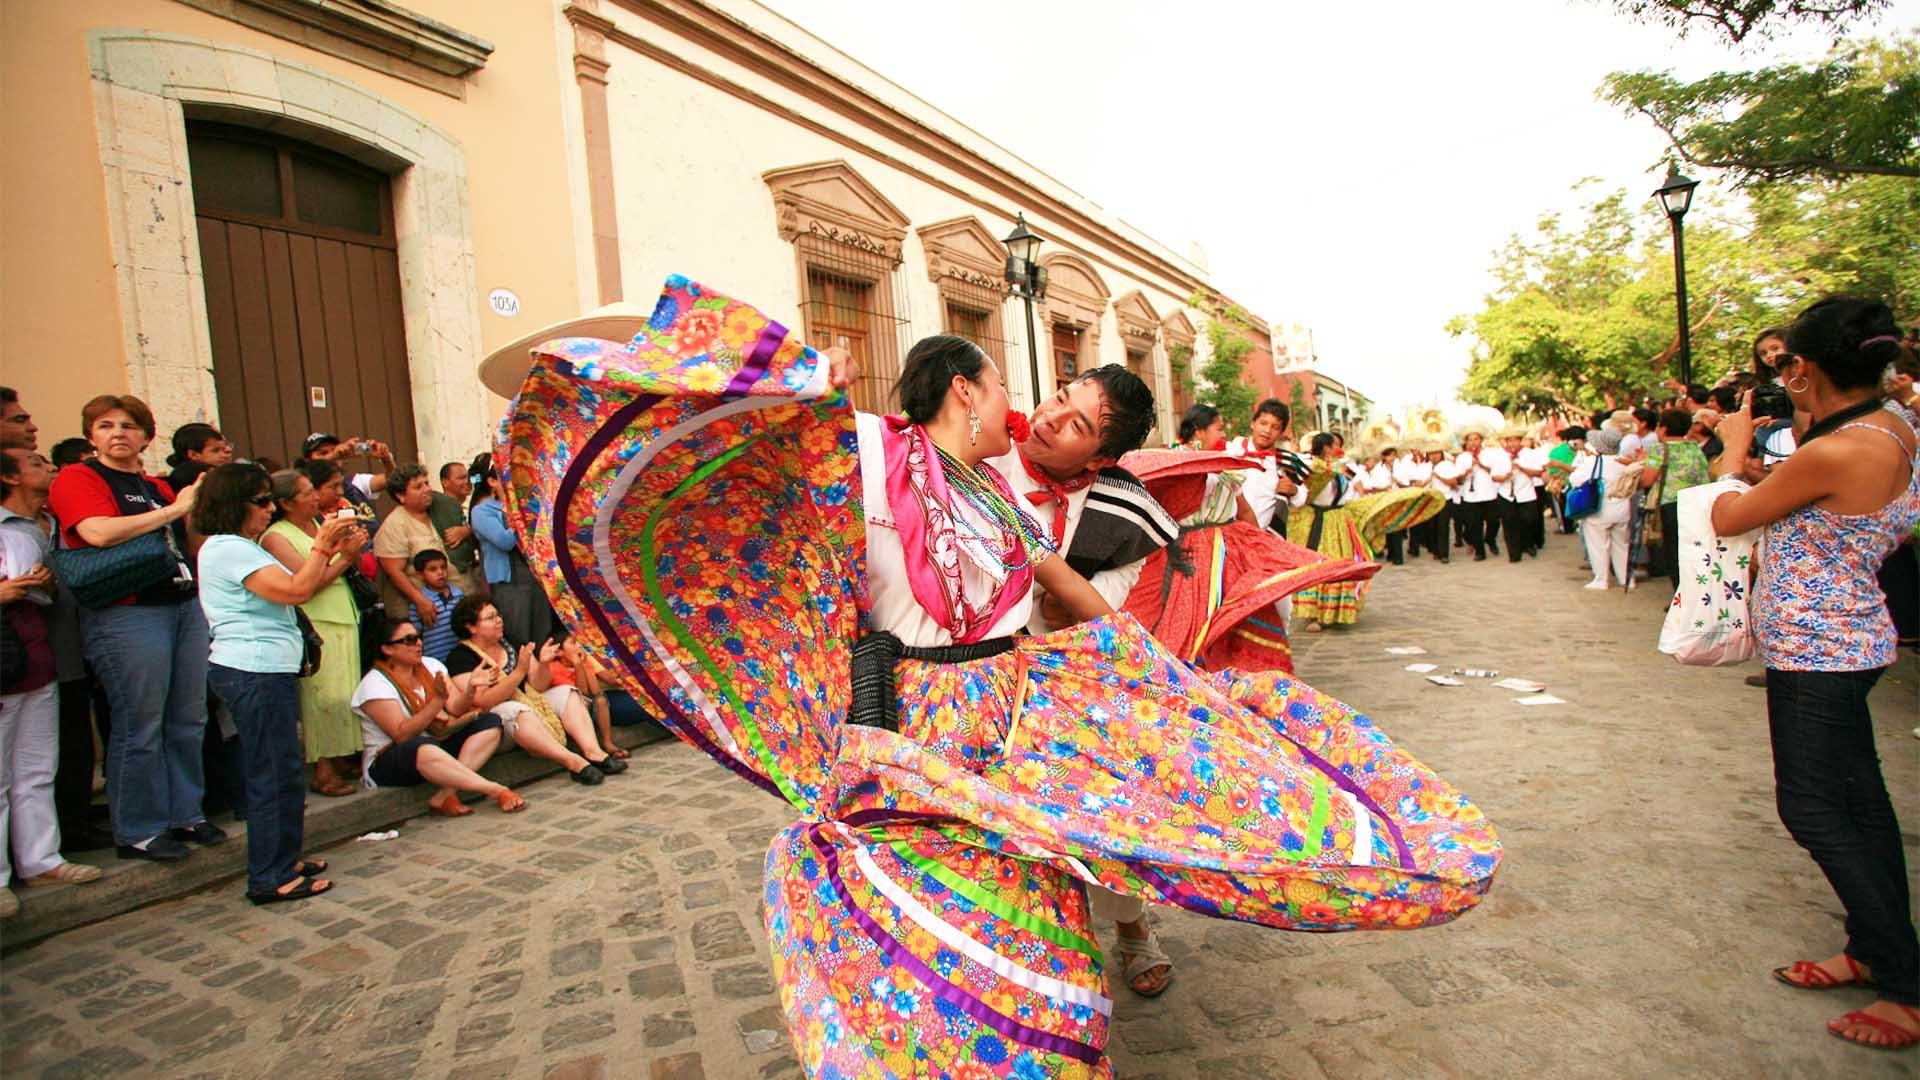 Ferias, festivales y eventos culinarios durante el verano